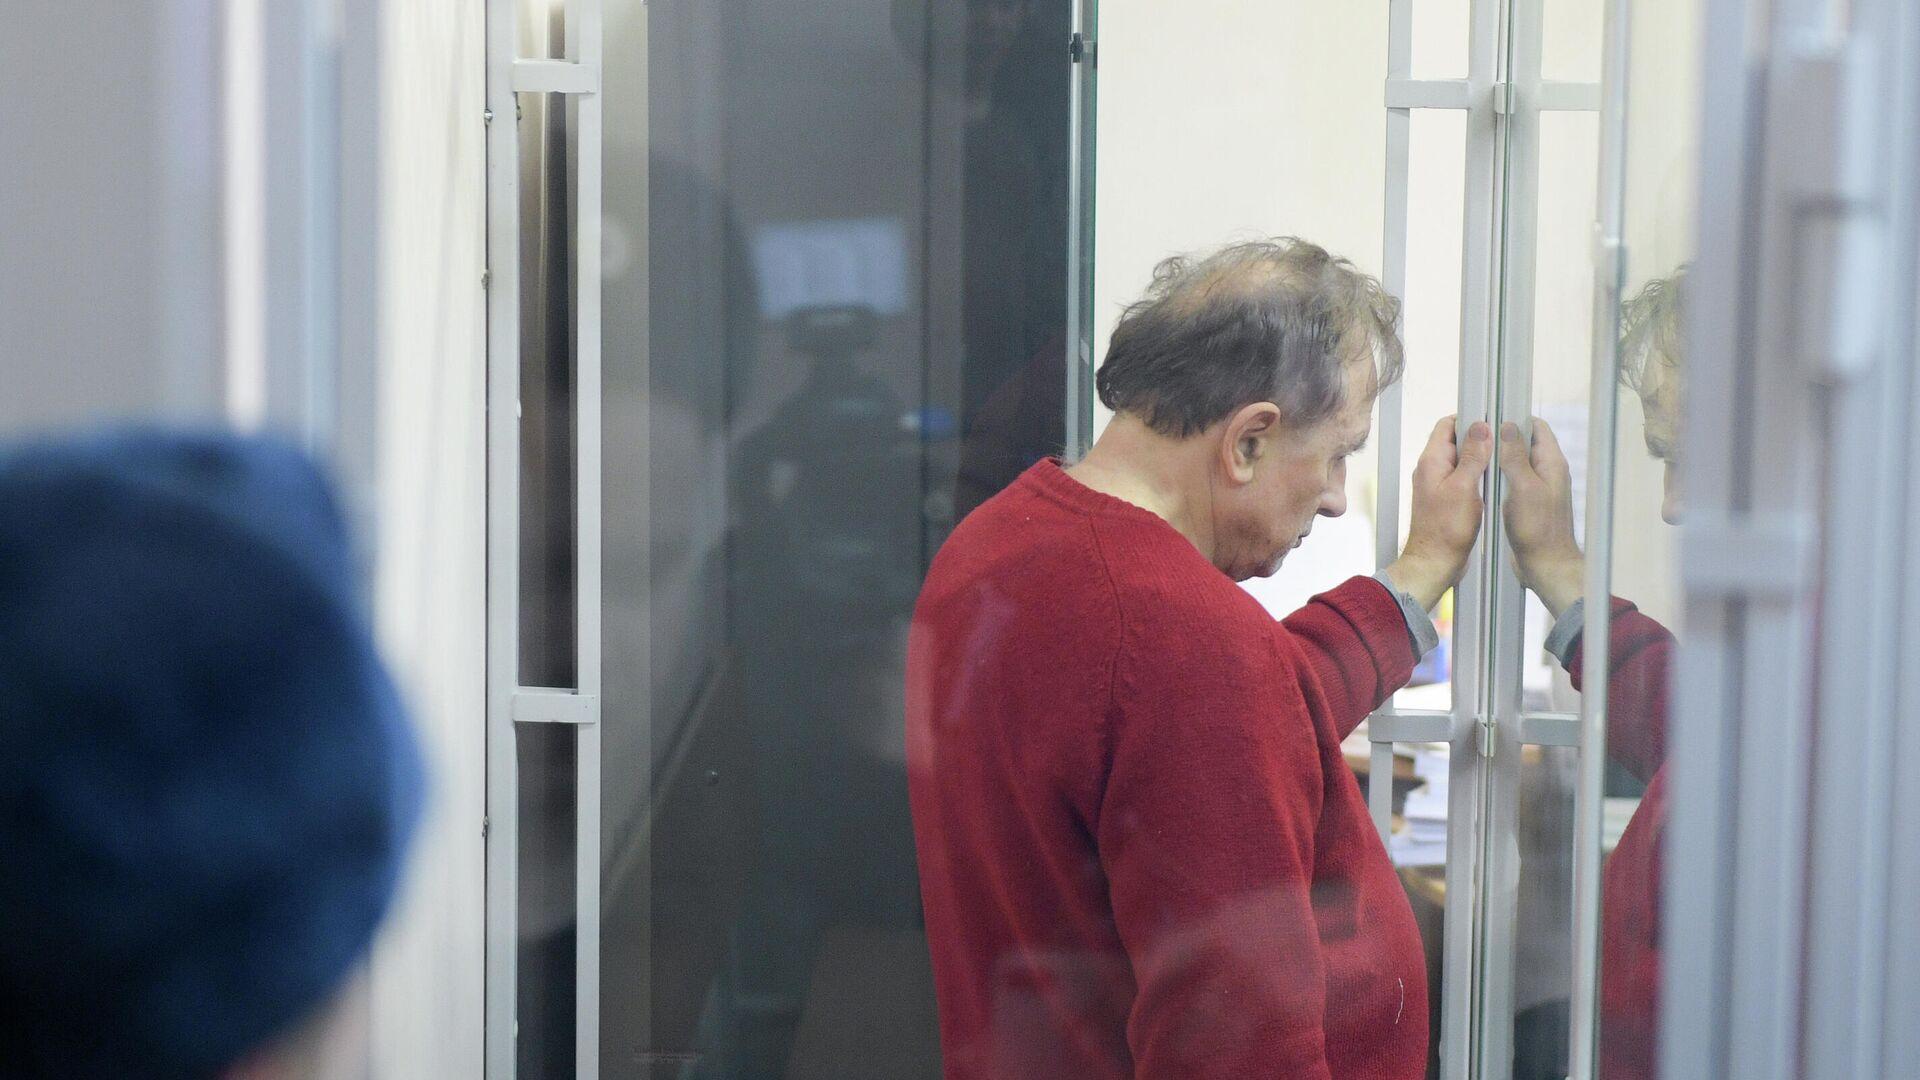 Доцент СПбГУ Олег Соколов, подозреваемый в убийстве аспирантки - РИА Новости, 1920, 27.07.2020